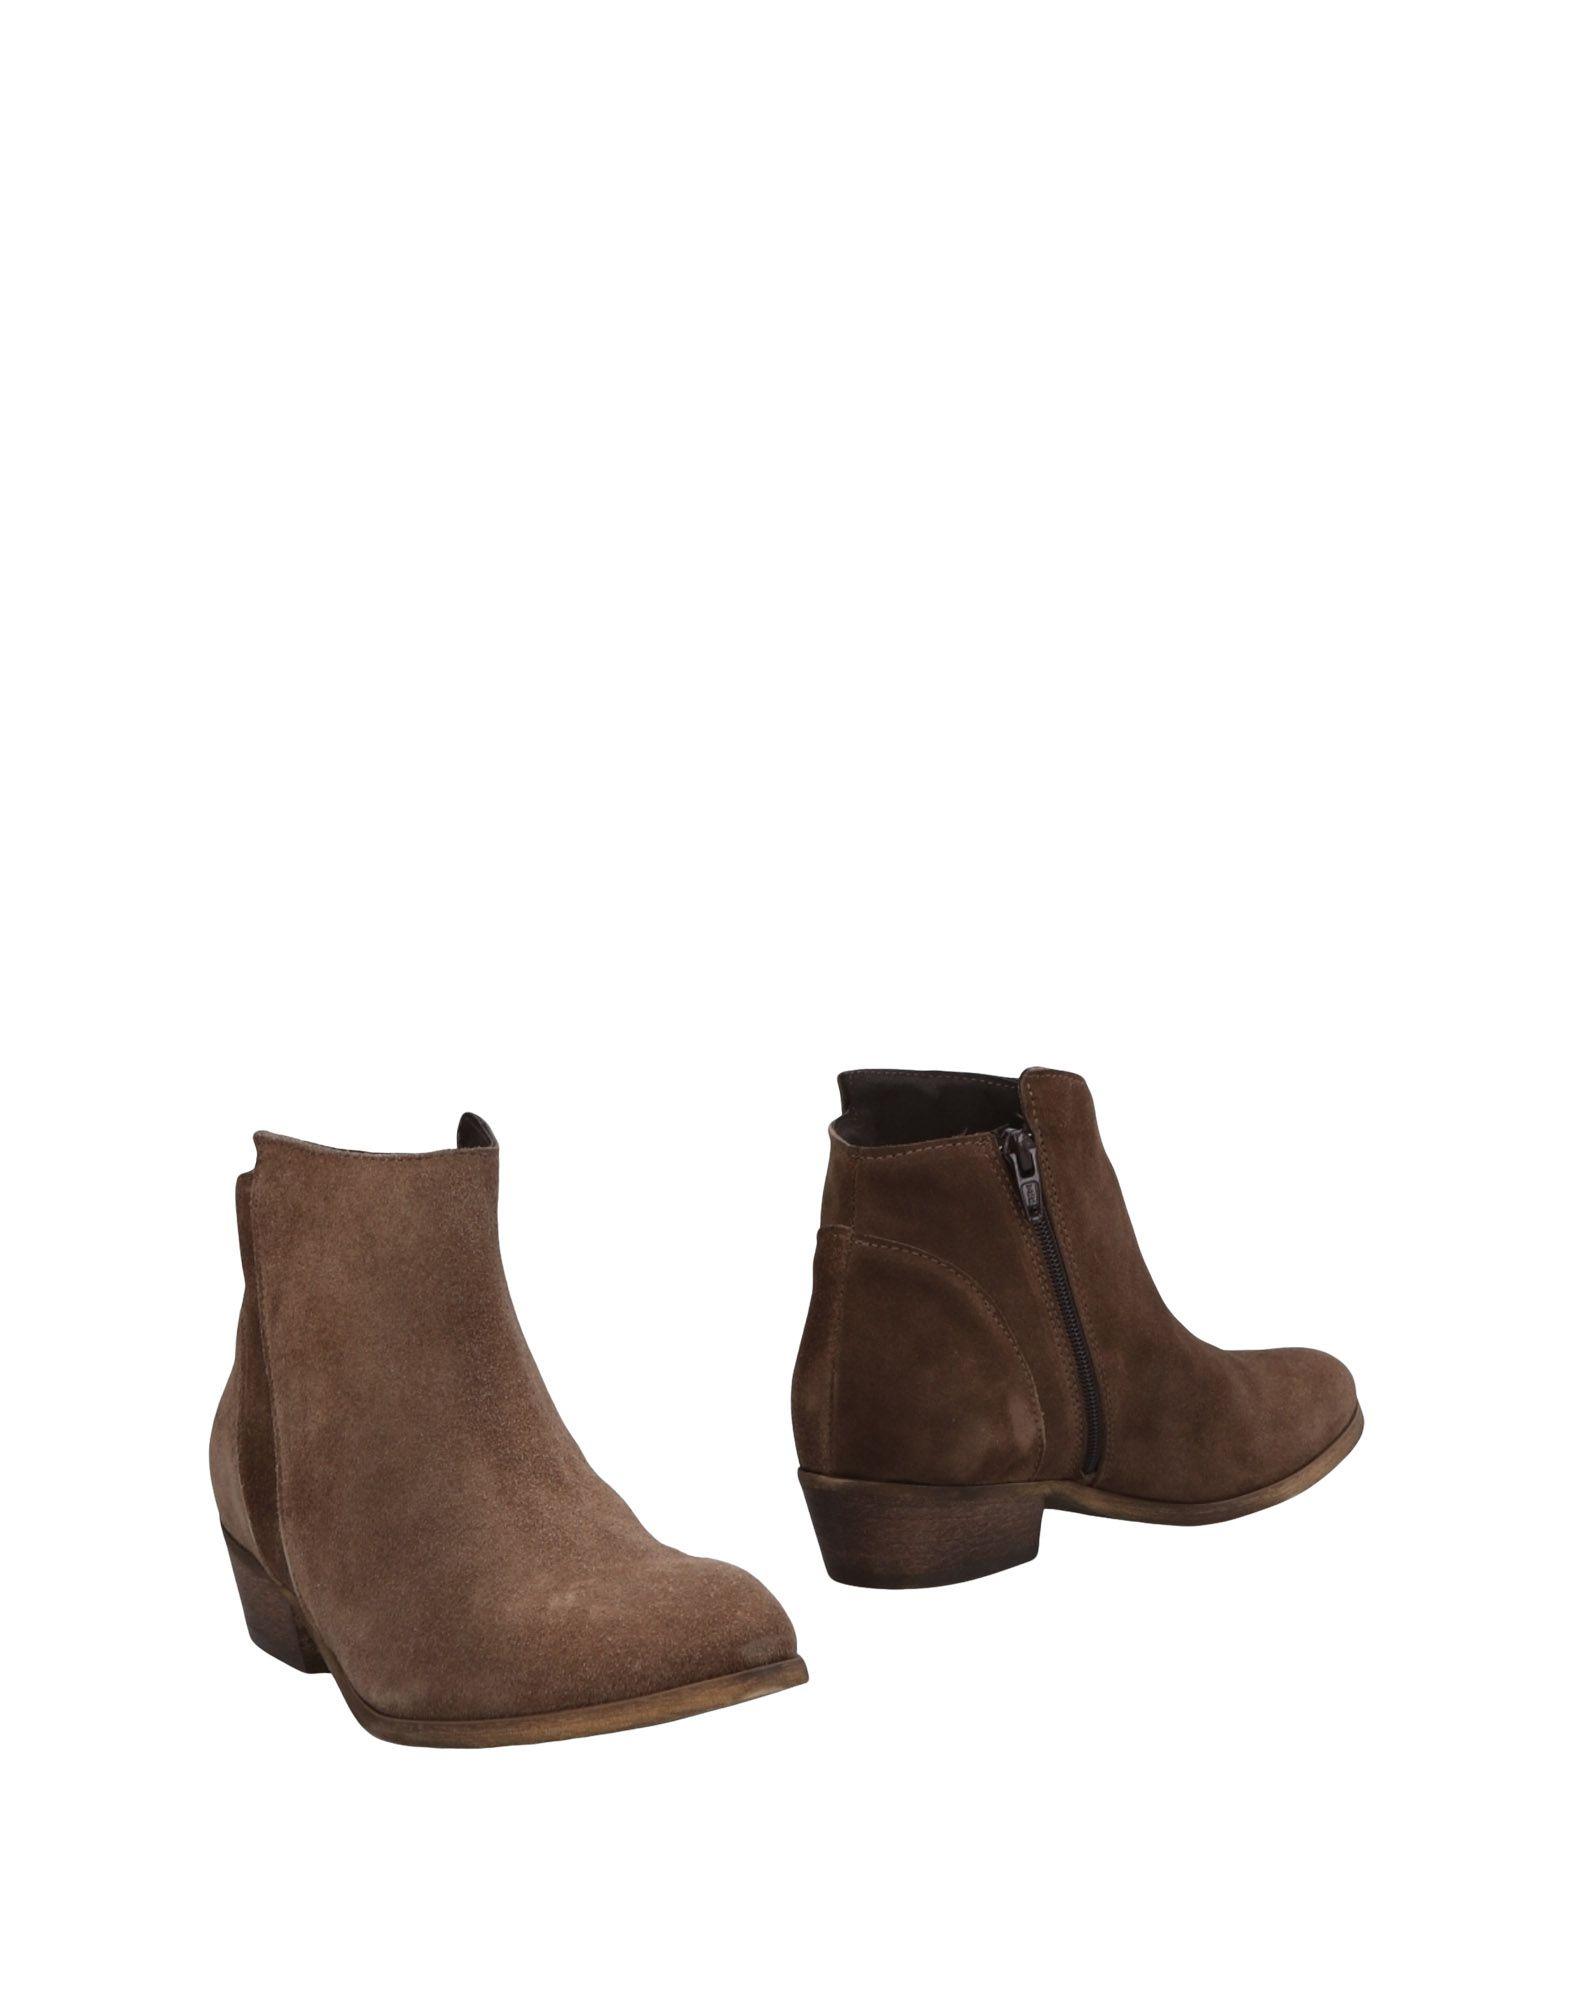 Unlace Stiefelette Damen  11481573CQ Gute Qualität beliebte Schuhe